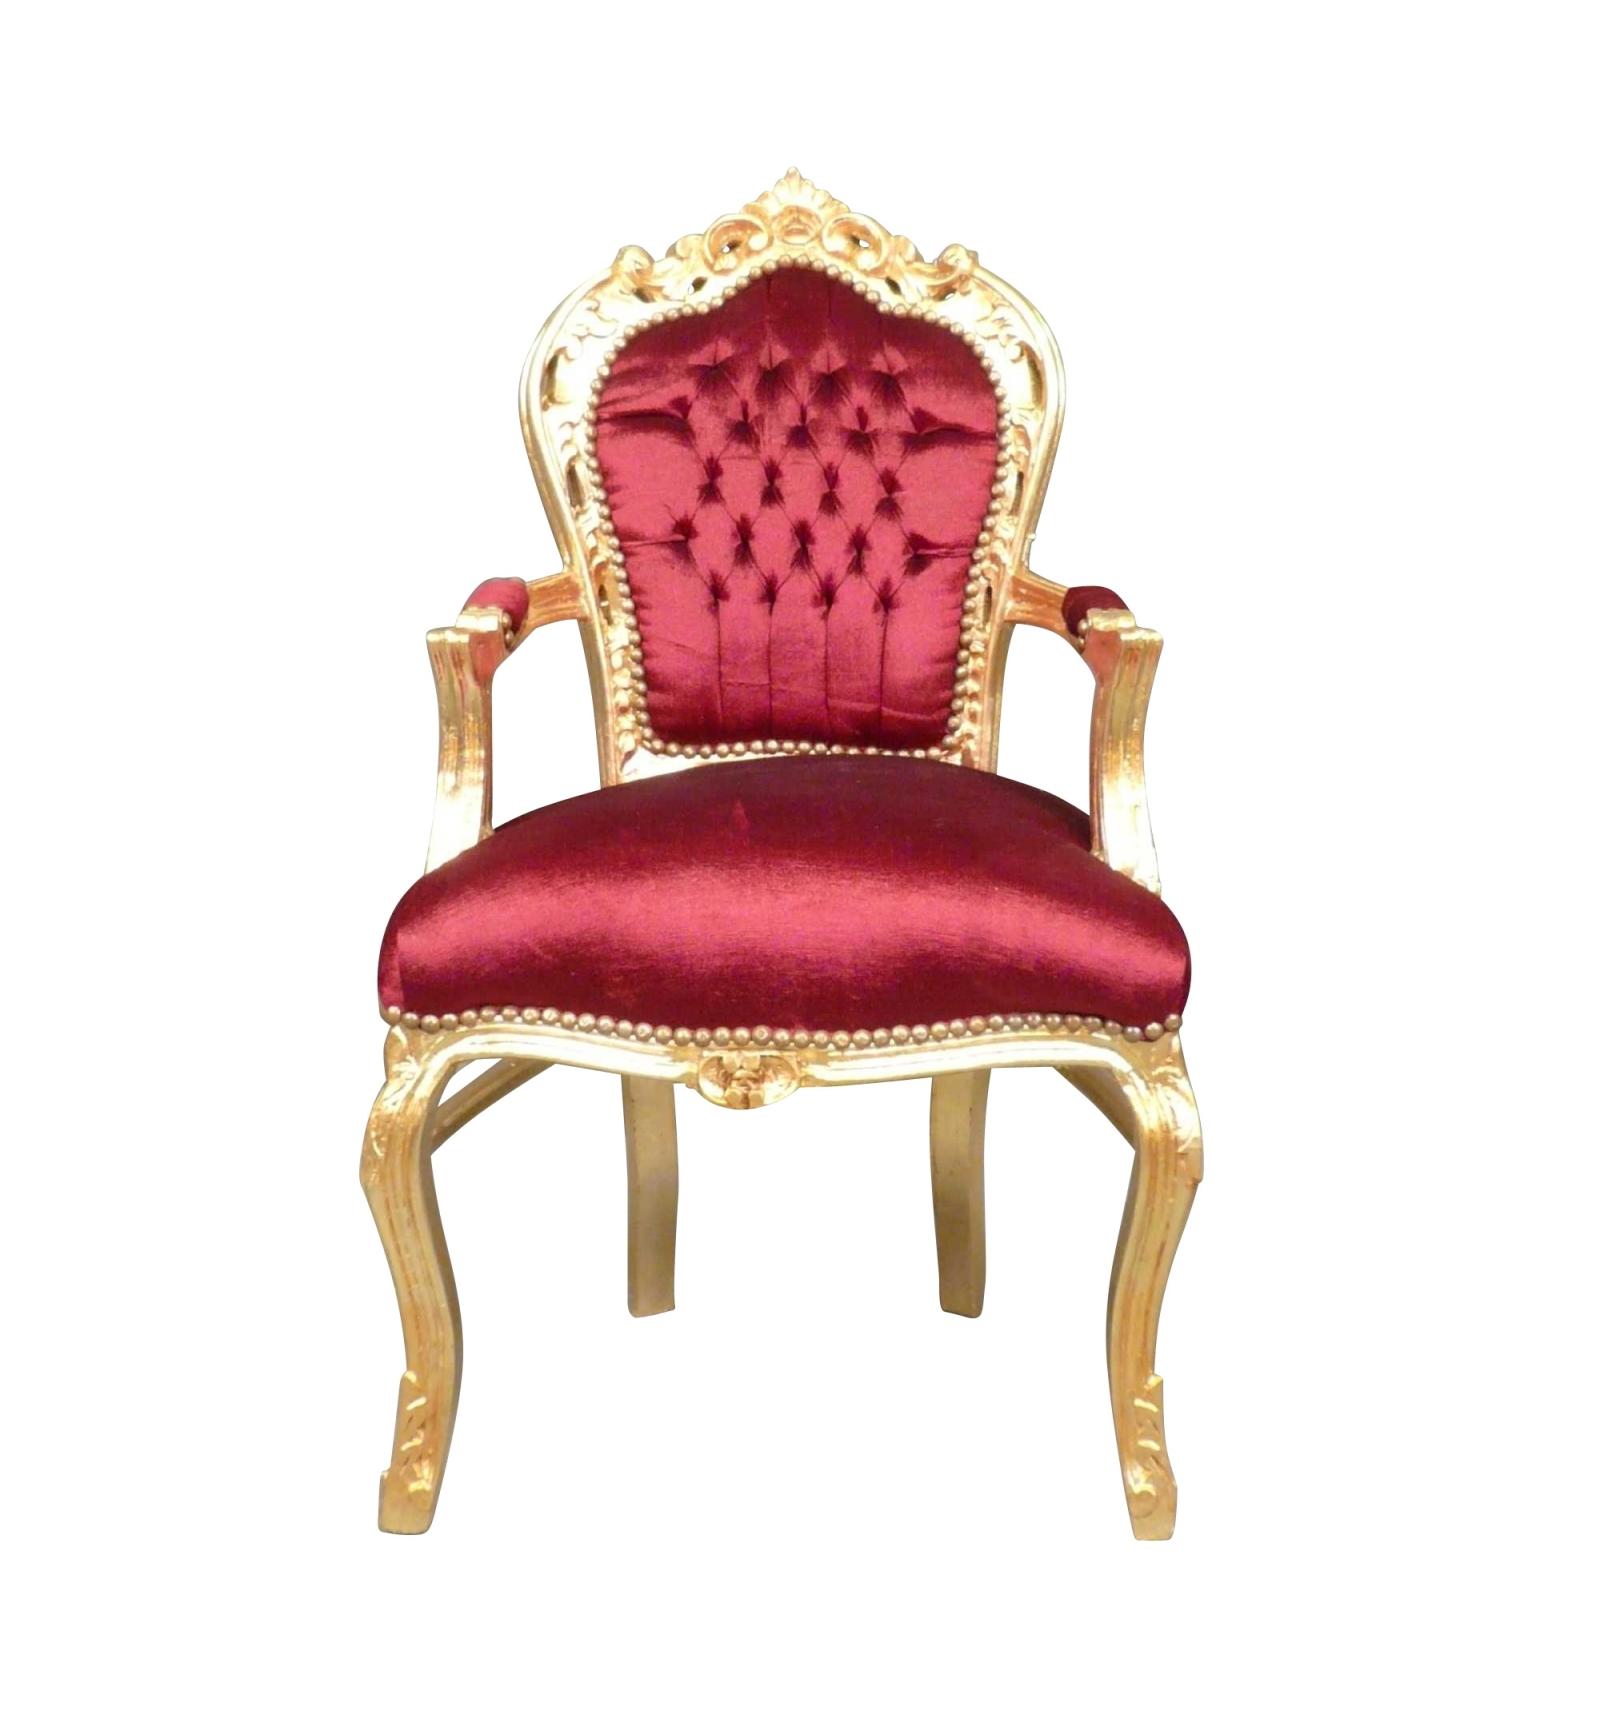 Barok Stoel Fauteuil.Fauteuil Barok Bordeaux En Gouden Stoel Met Art Deco Meubels